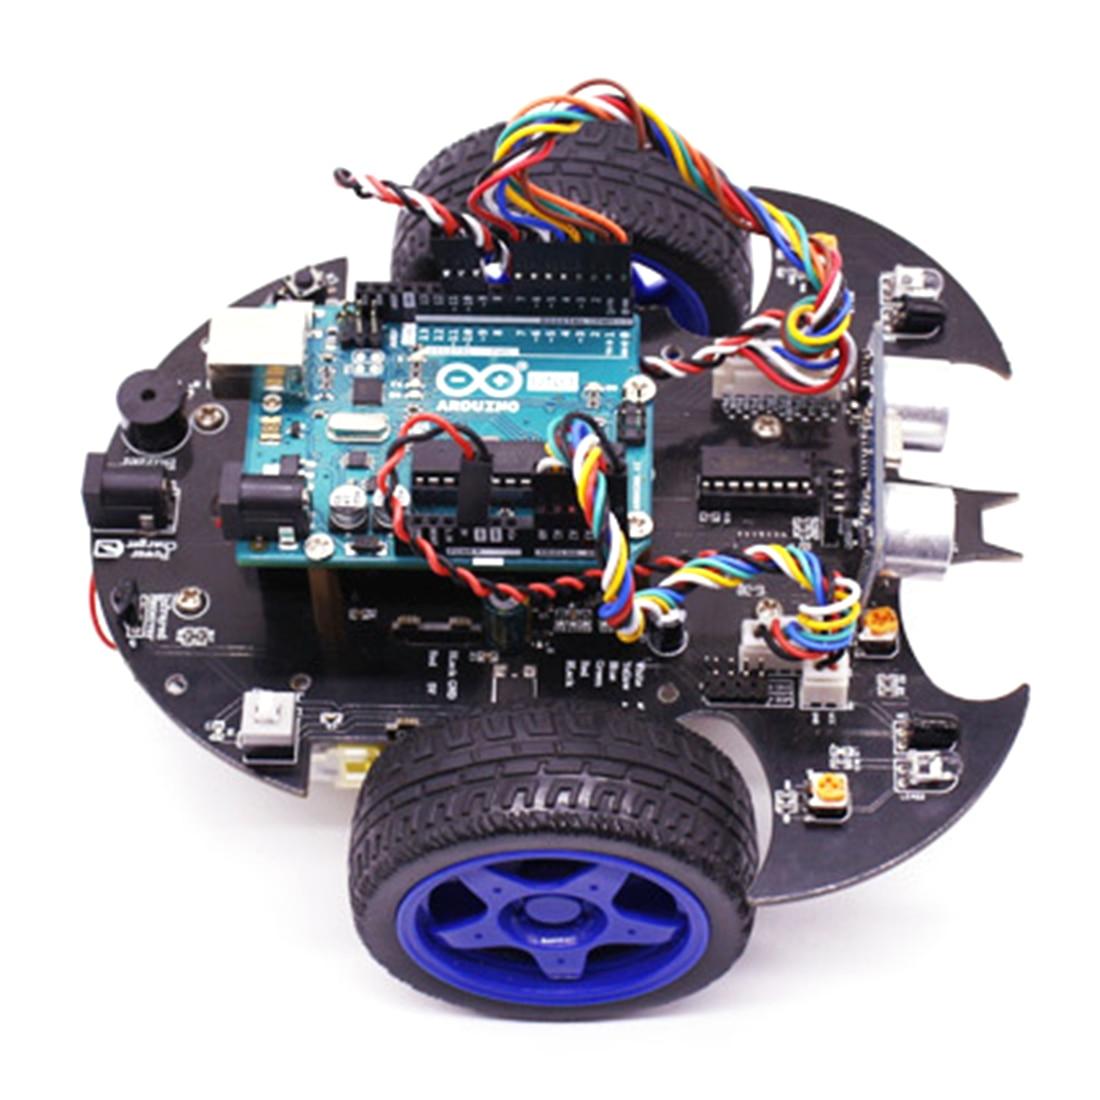 Kit de vapeur modèle de démarreur de voiture Robot intelligent Bat avec tutoriel jouet de tige électronique éducatif pour Arduino comprend carte mère R3 - 5